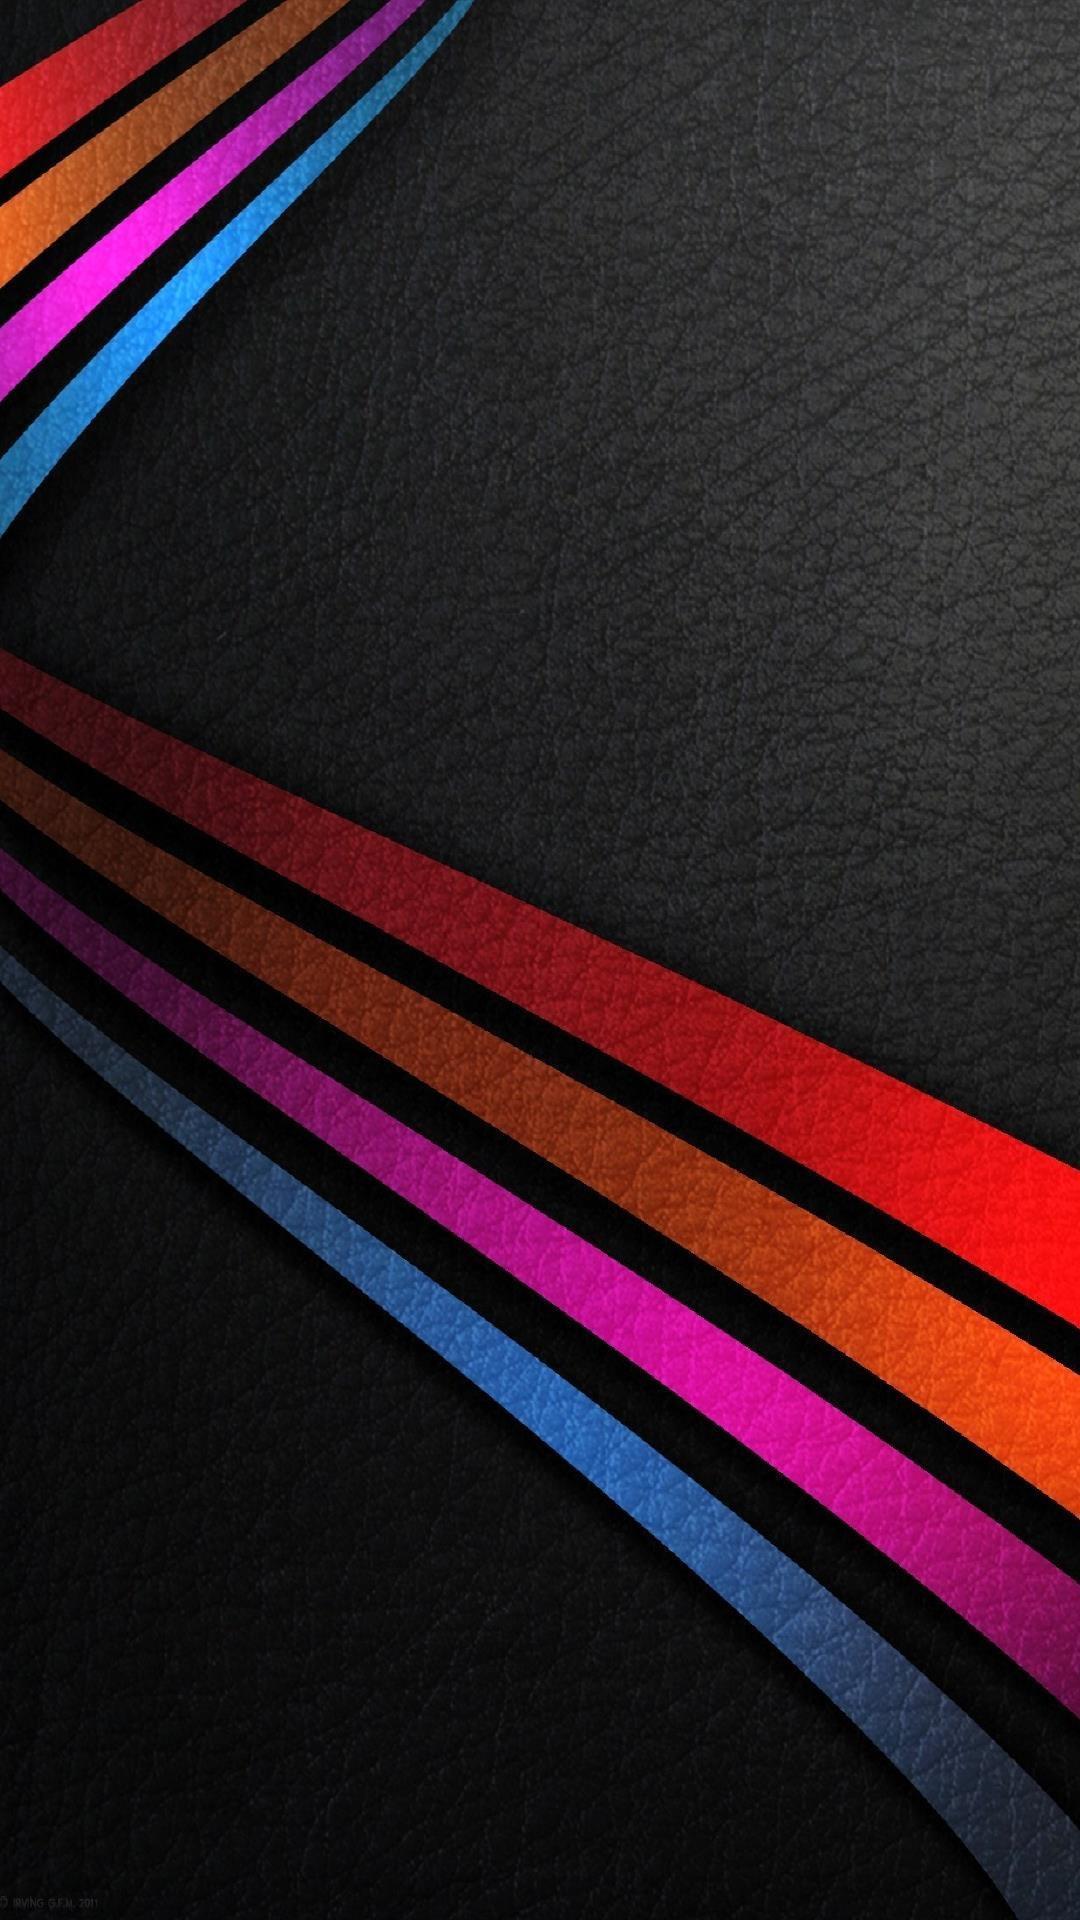 Un nouveau pack de fonds dcran pour le smartphone Google Nexus 5 1080x1920